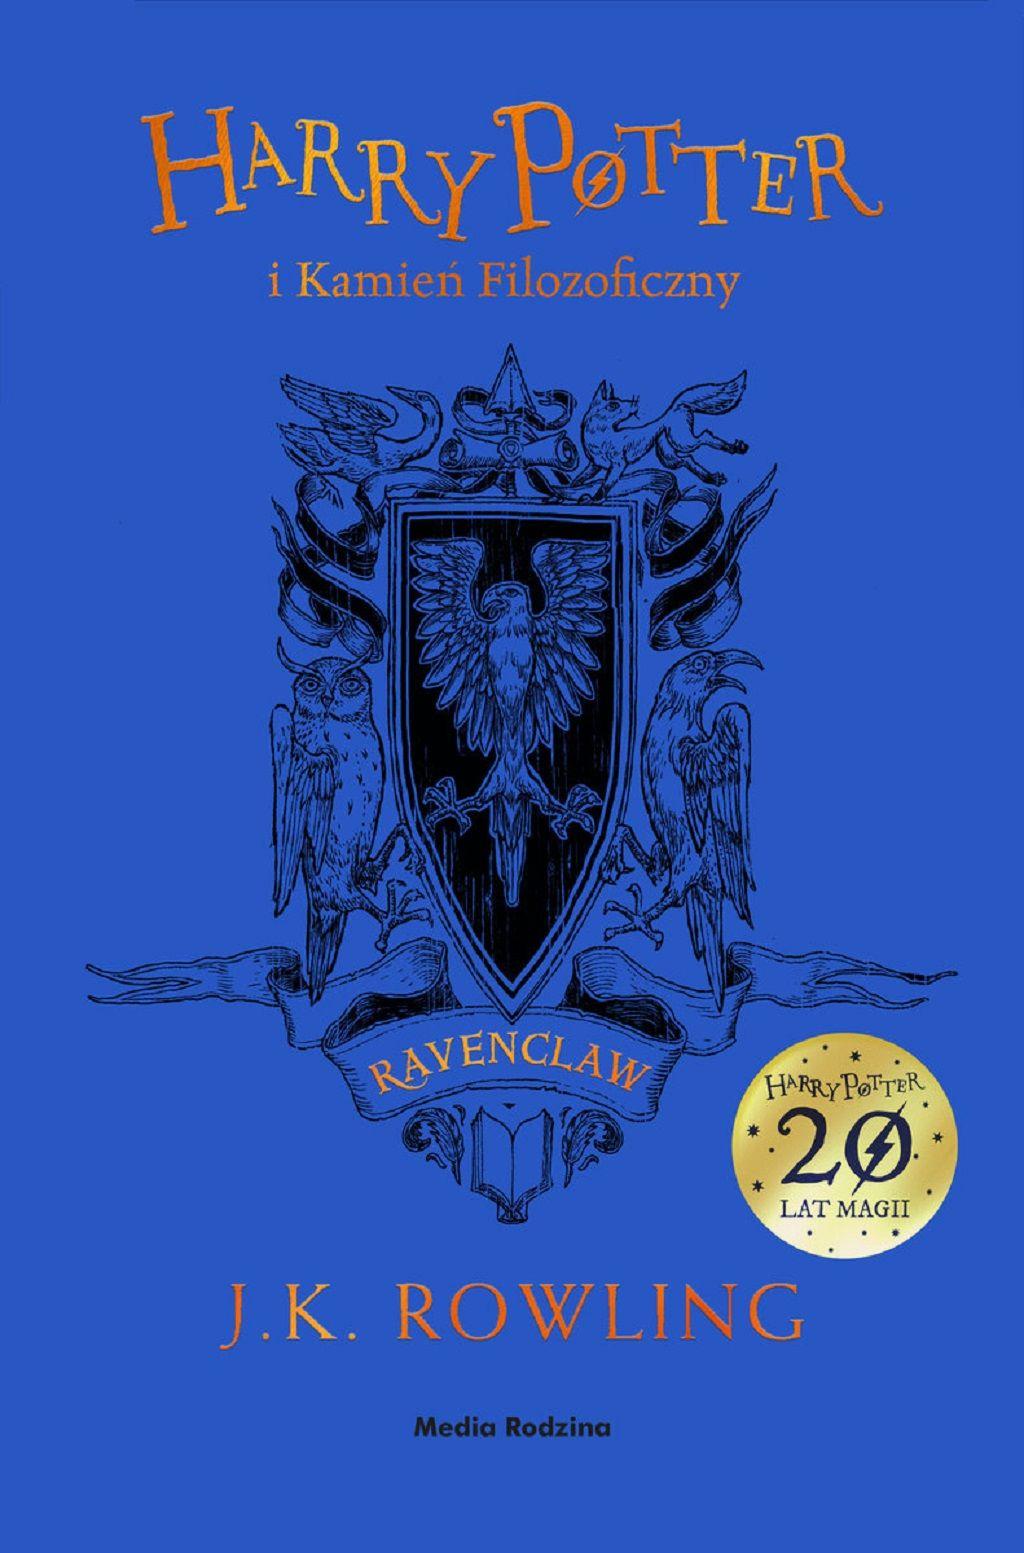 Harry Potter – premiera jubileuszowej edycji